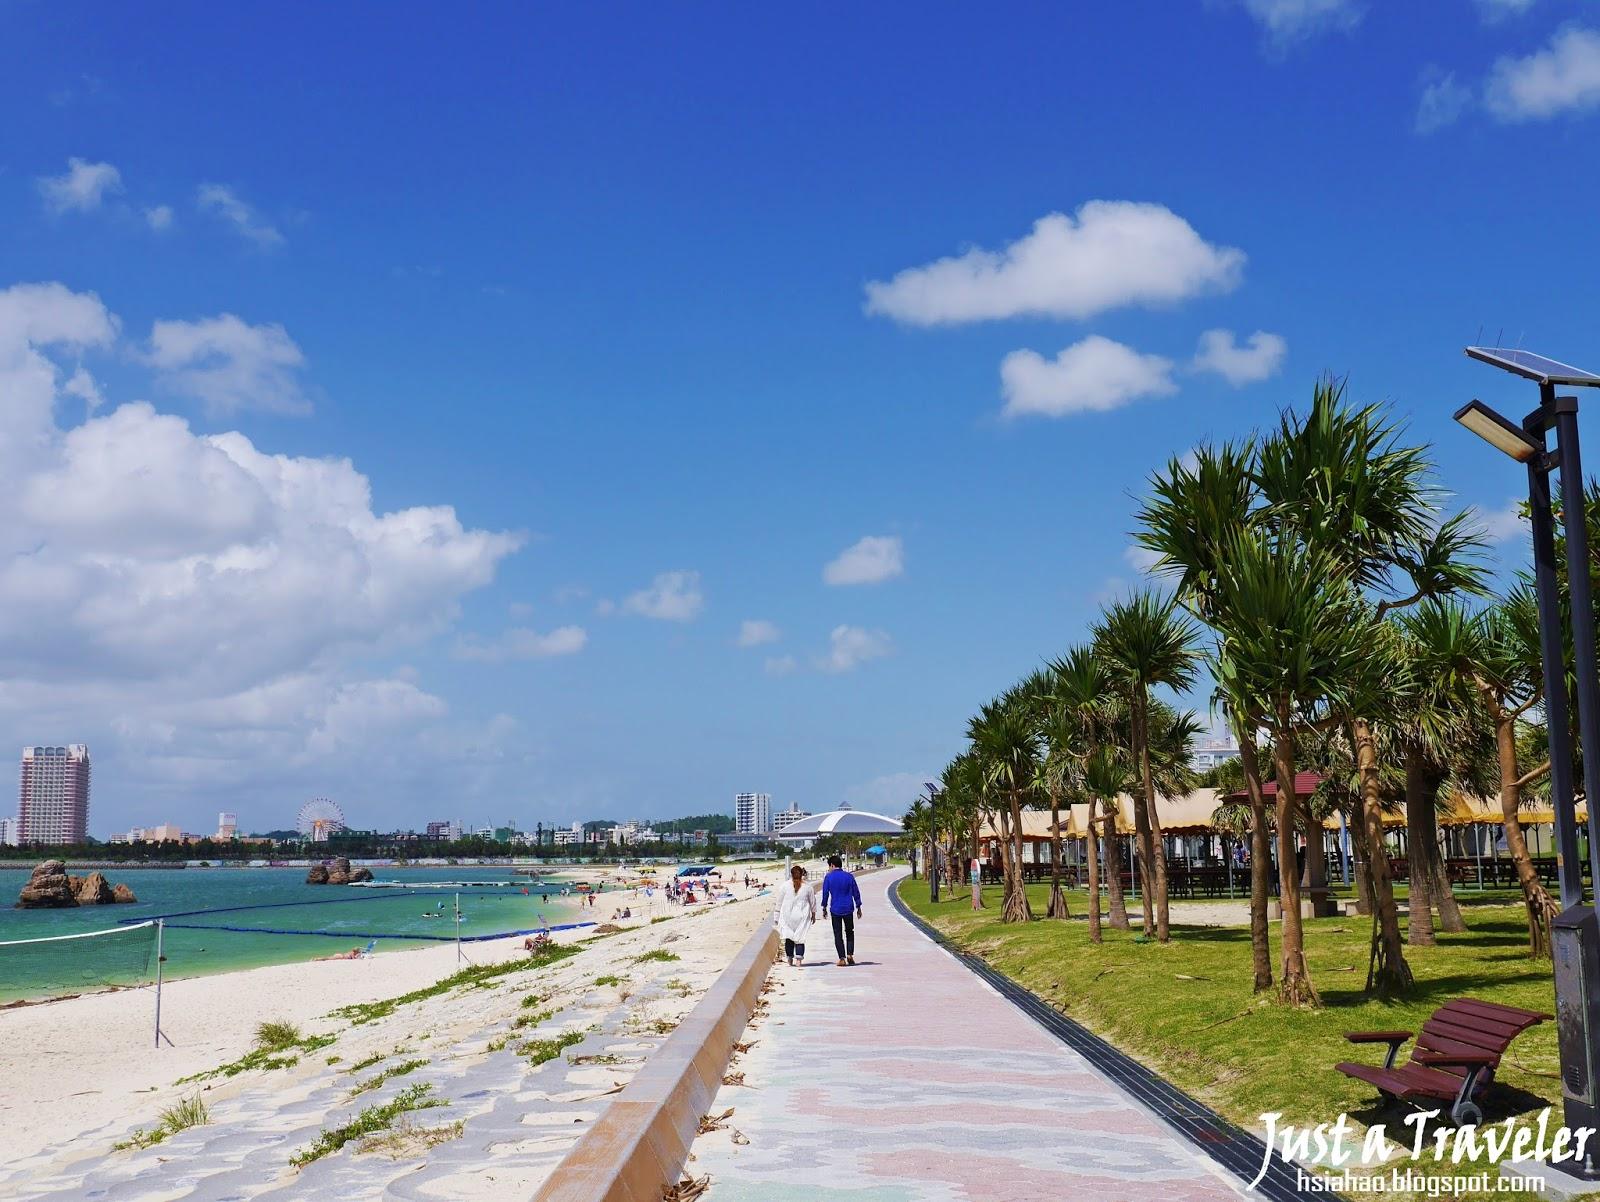 沖繩-海灘-推薦-安良波海灘-Araha-Beach-アラハビーチ-Okinawa-beach-recommendation